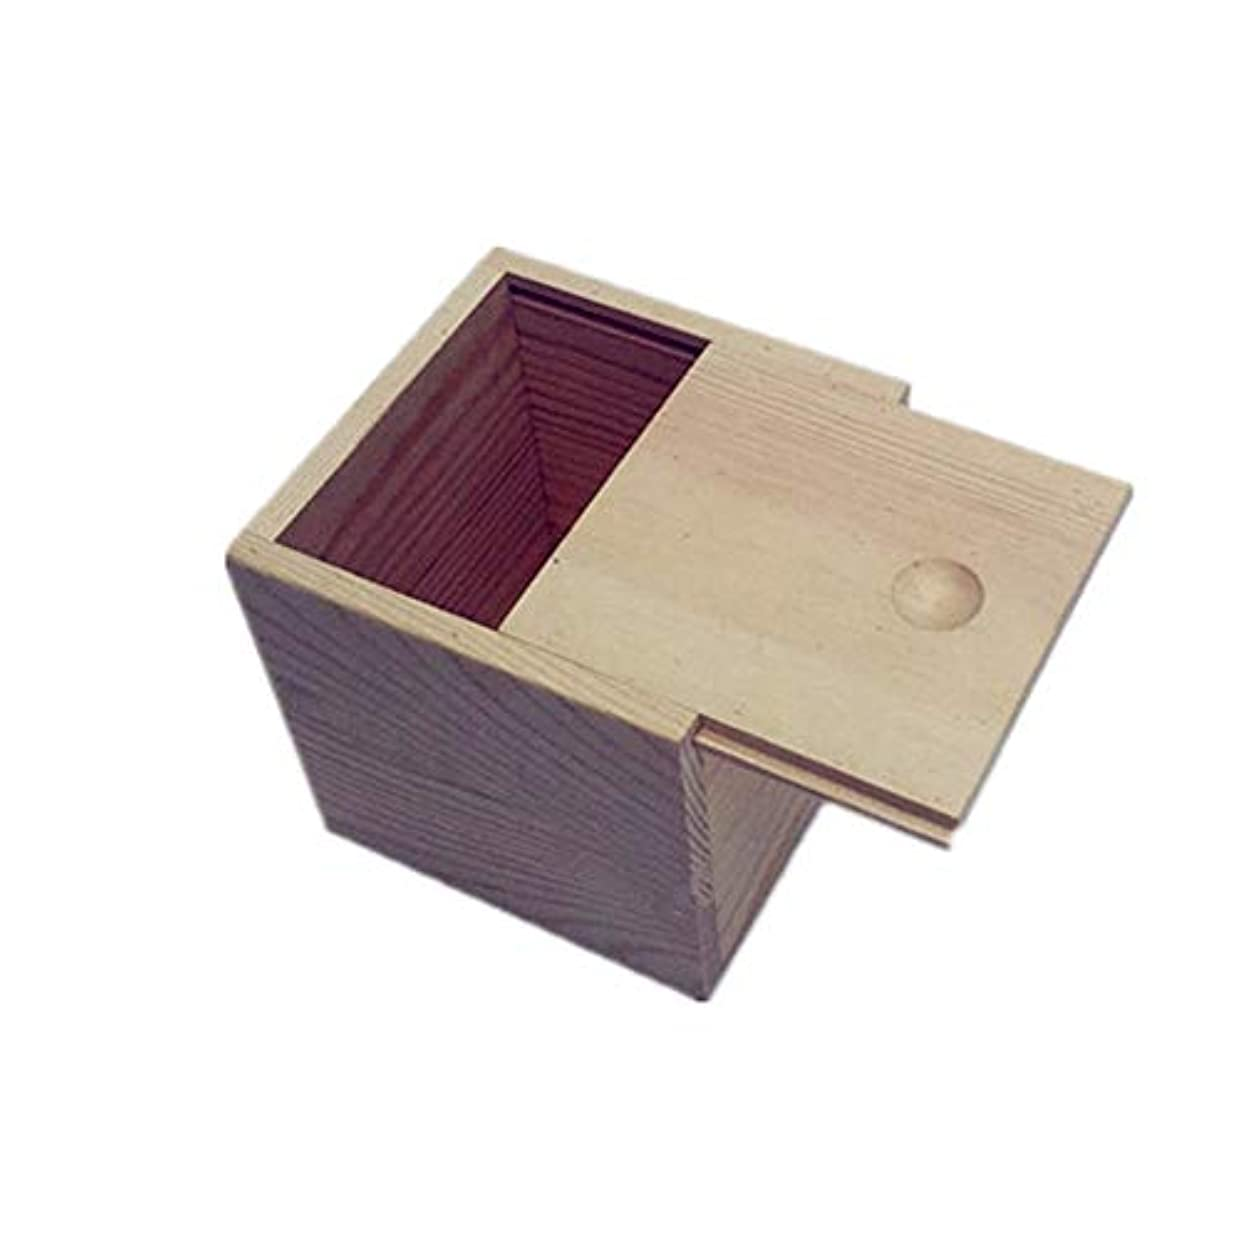 とまり木遺伝的調和のとれた精油ケース 木製のエッセンシャルオイルストレージボックス安全なスペースセーバーあなたの油を維持するためのベスト 携帯便利 (色 : Natural, サイズ : 9X9X5CM)